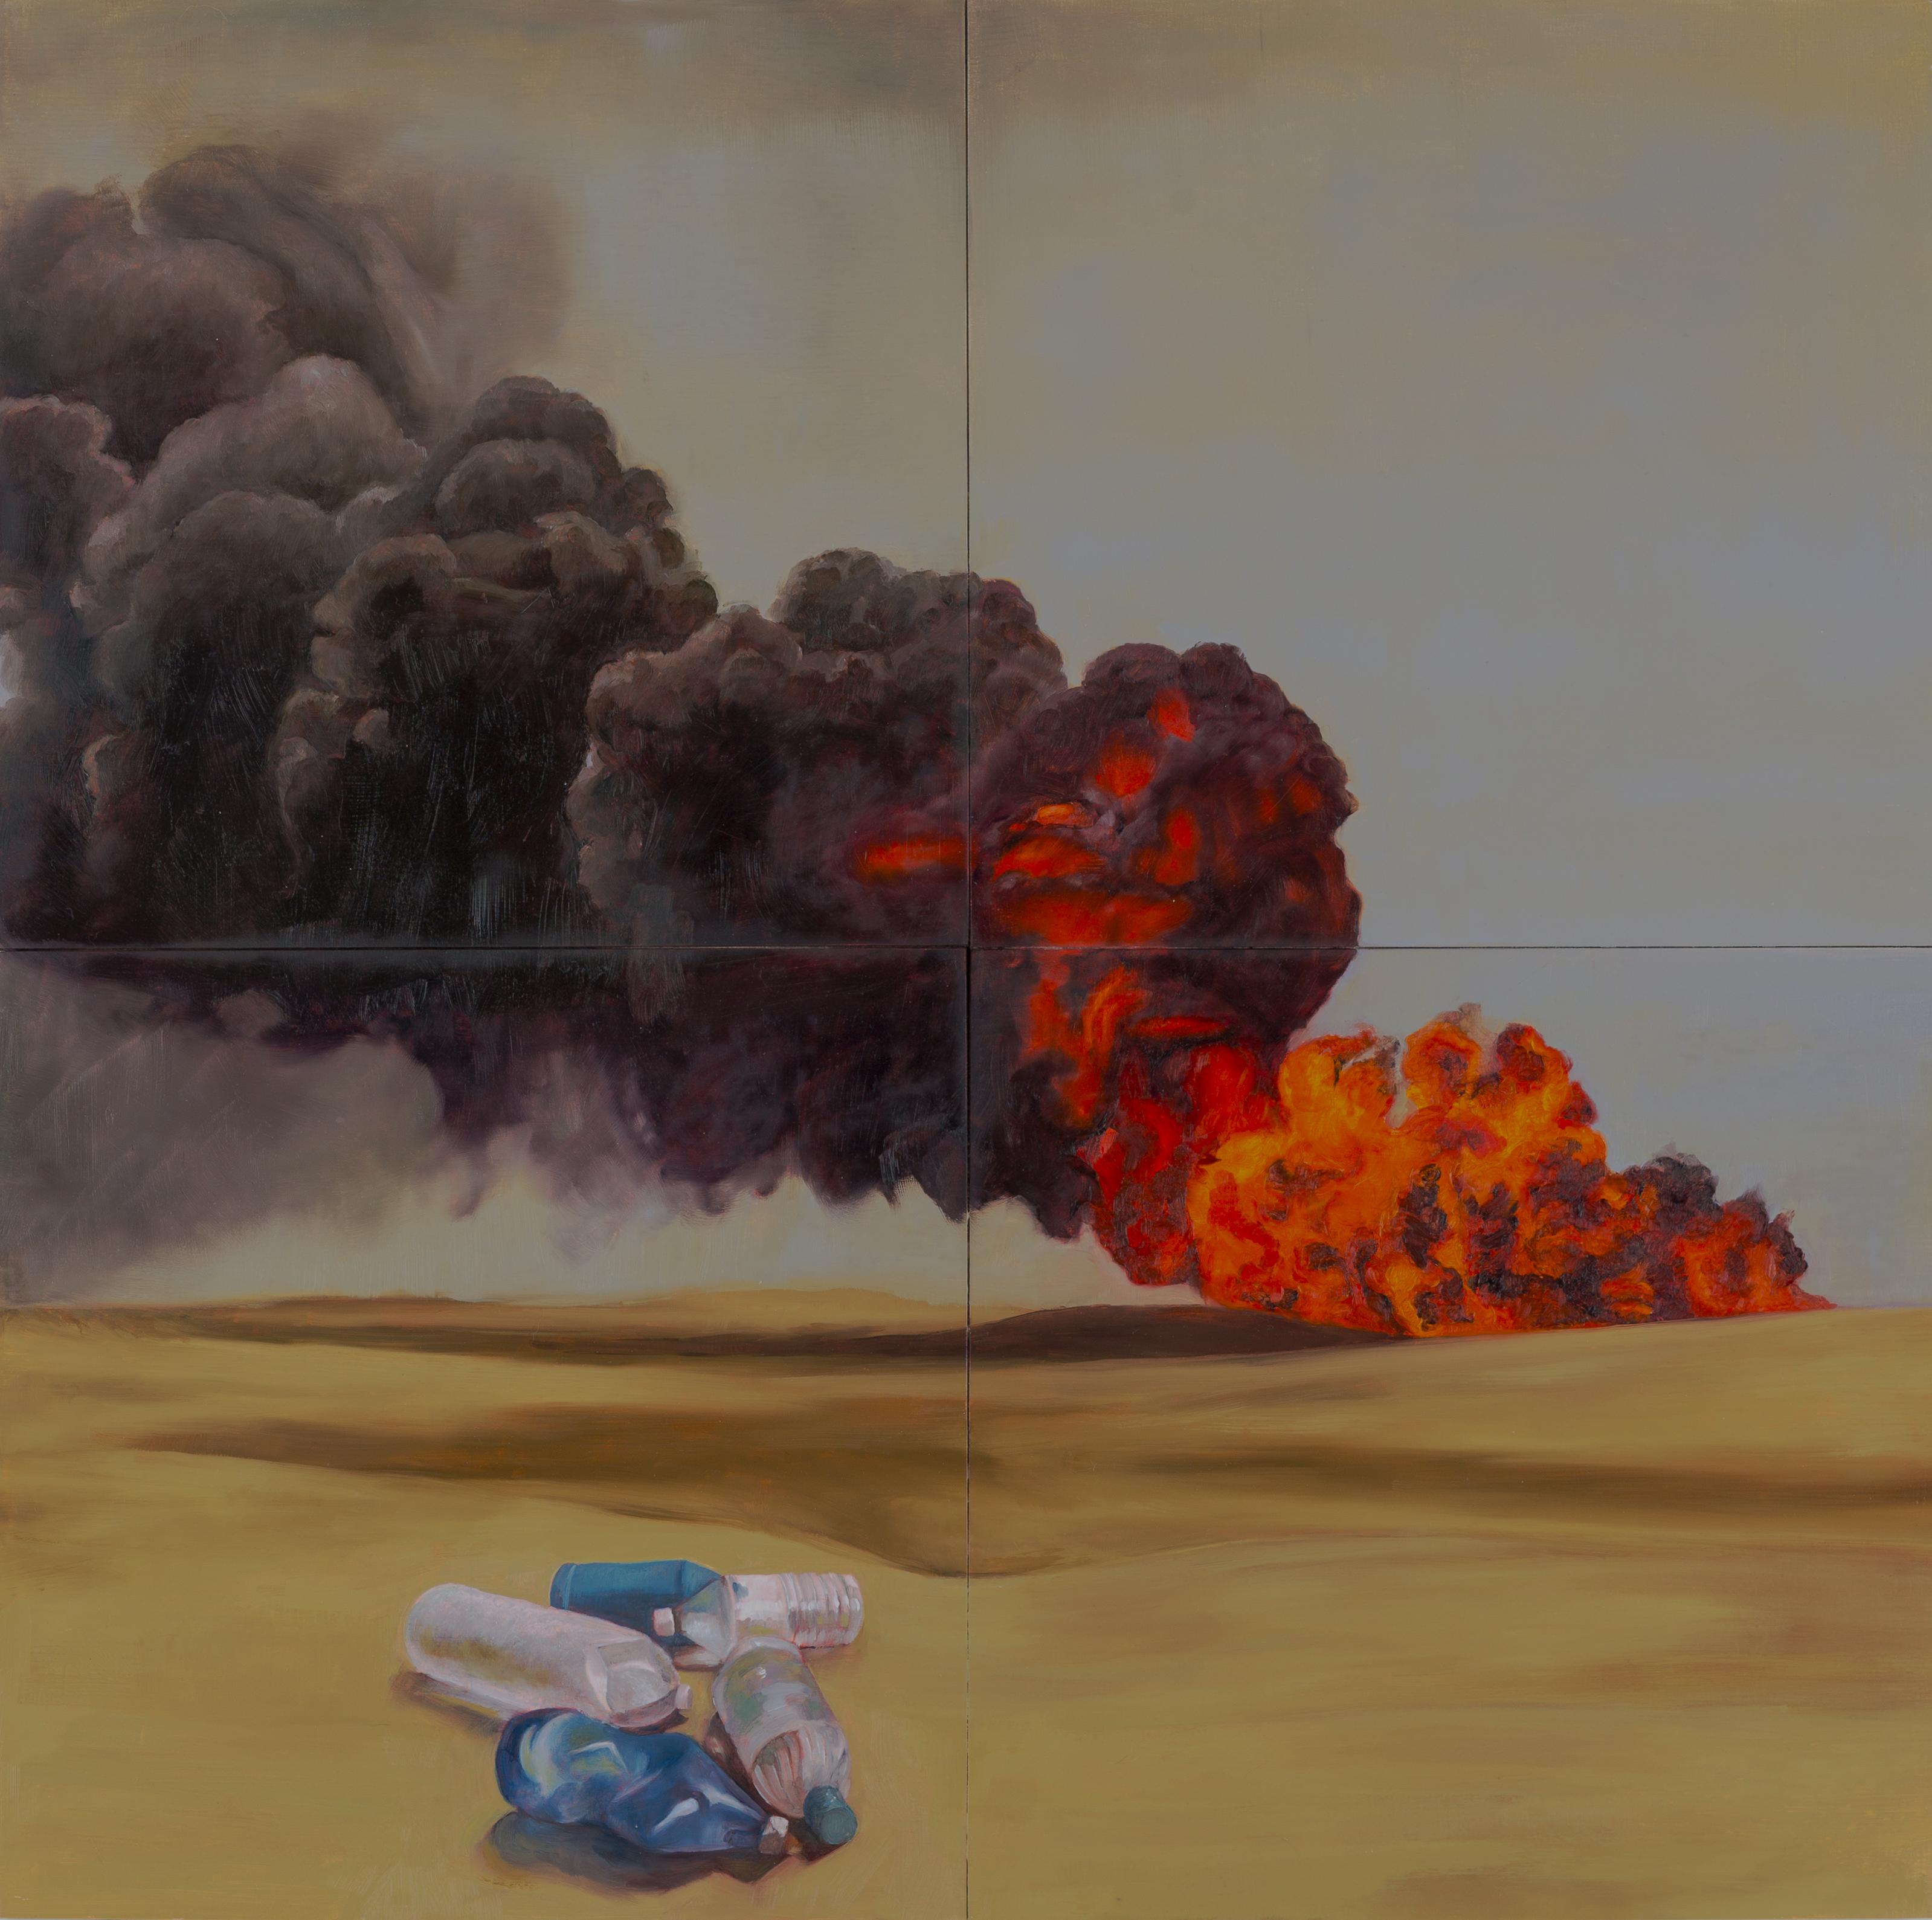 Desert oil fire